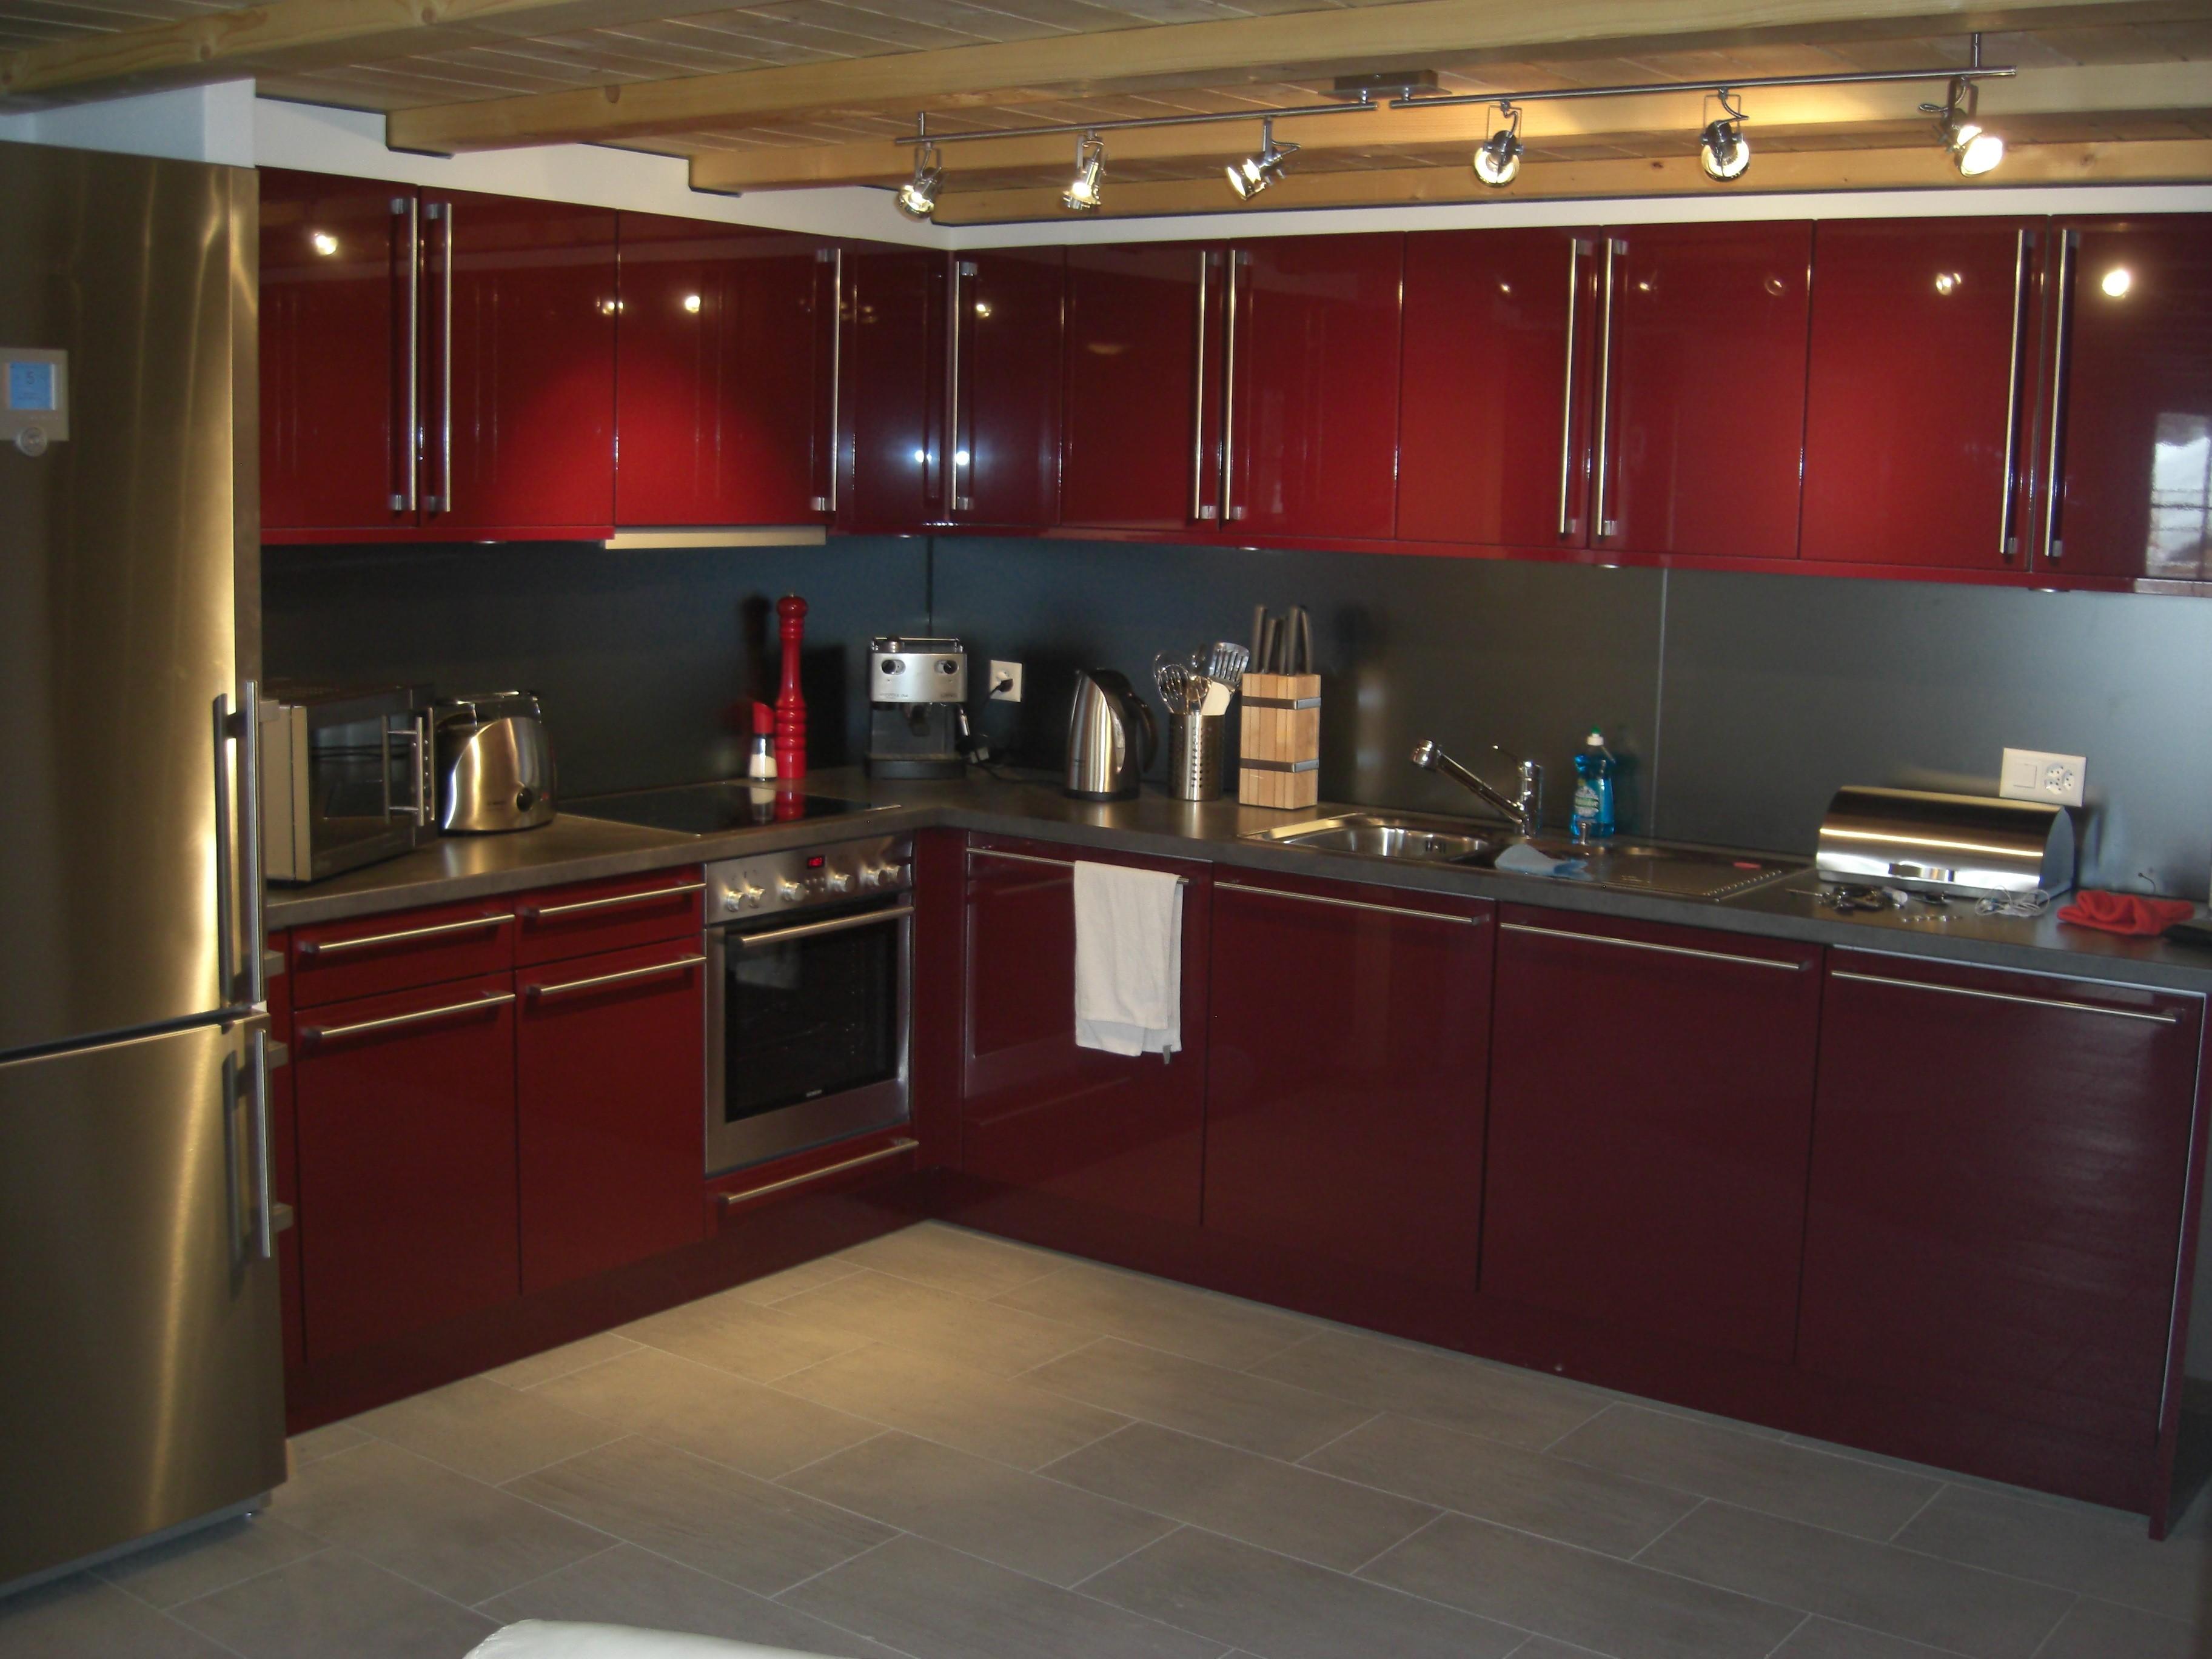 impressionnant-armoire-de-cuisine-rouge-peinte-aussi-en-ceramique-interieur-ensemble-incroyable-avec-dosseret-gris-et-luminaires-plafonniers-fascinants-decoratifs-avec-armoires-de-cuisine-modernes-aussi-cuisine- armoires-idées